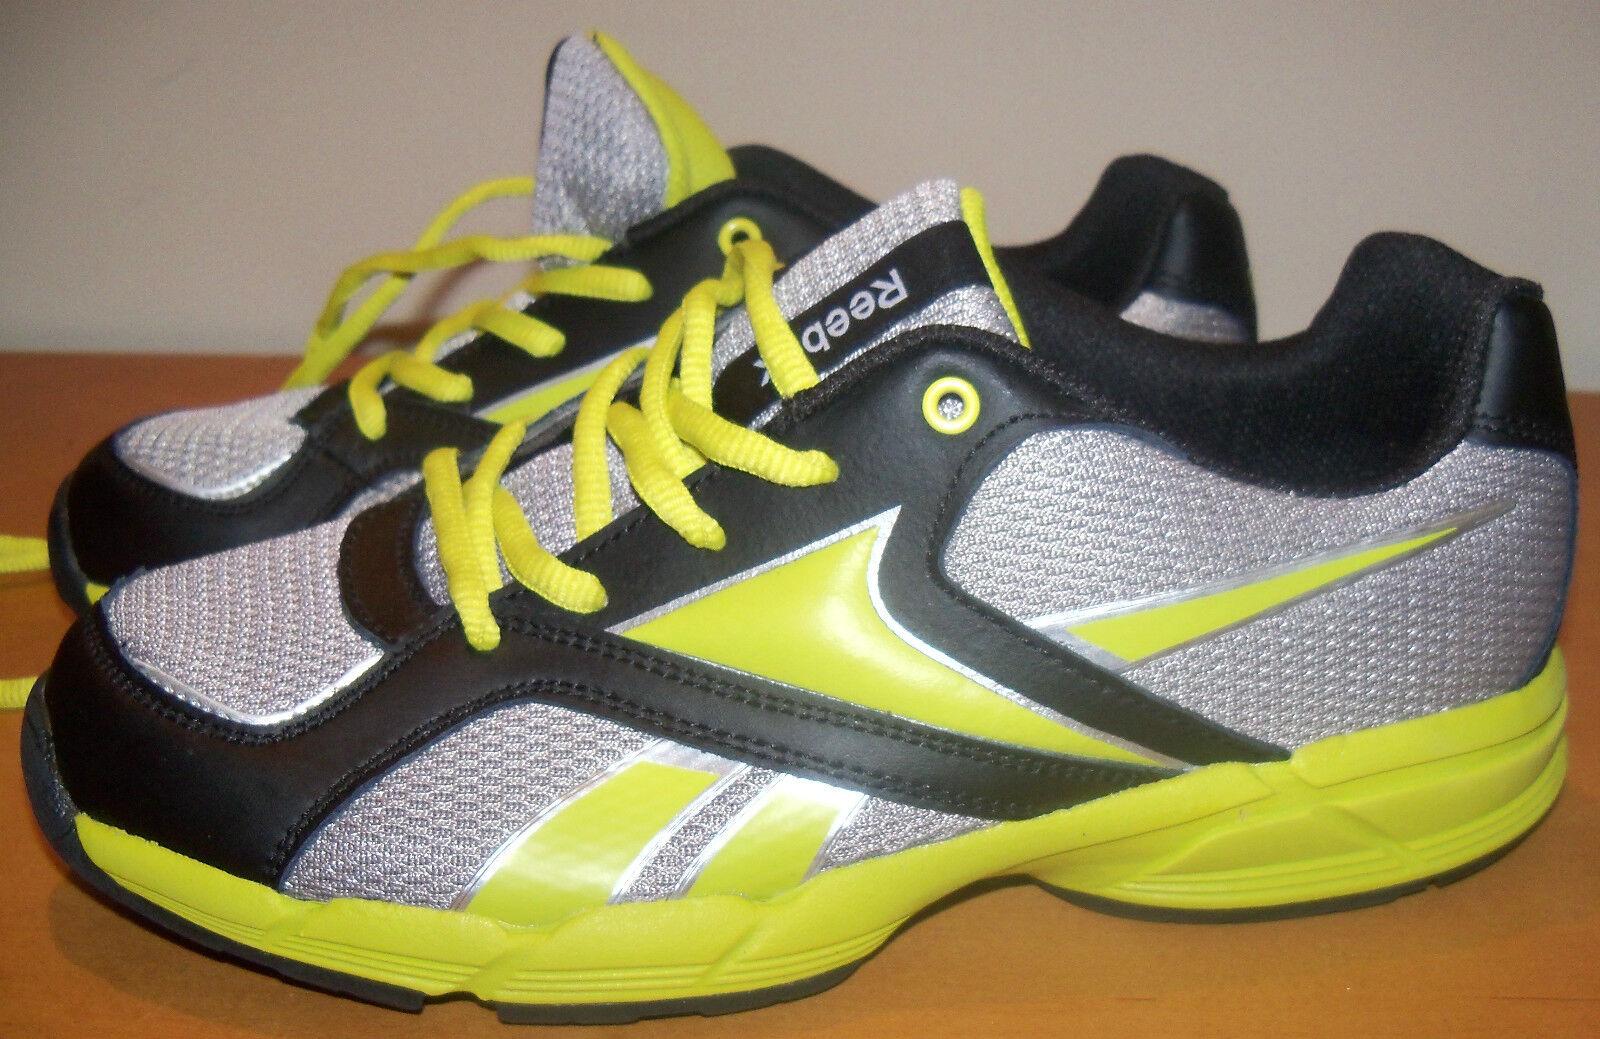 Reebok SZ 6 da uomo da corsa Scarpe da ginnastica - leggero - grigio e nero -